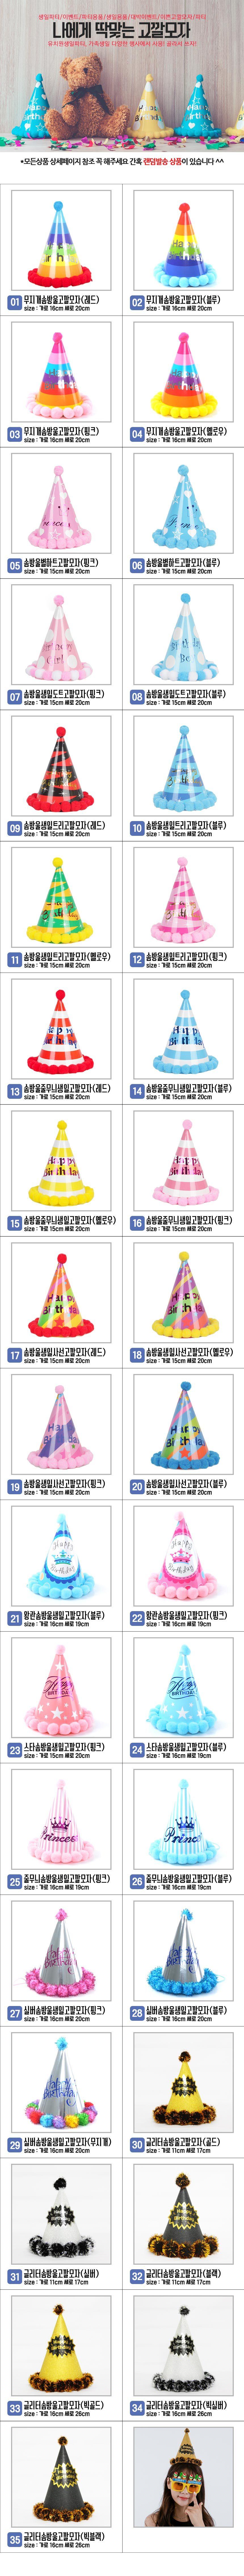 파티스토리 솜방울 고깔모자 모음전 - 파티스토리, 1,000원, 파티용품, 펀/놀이용품